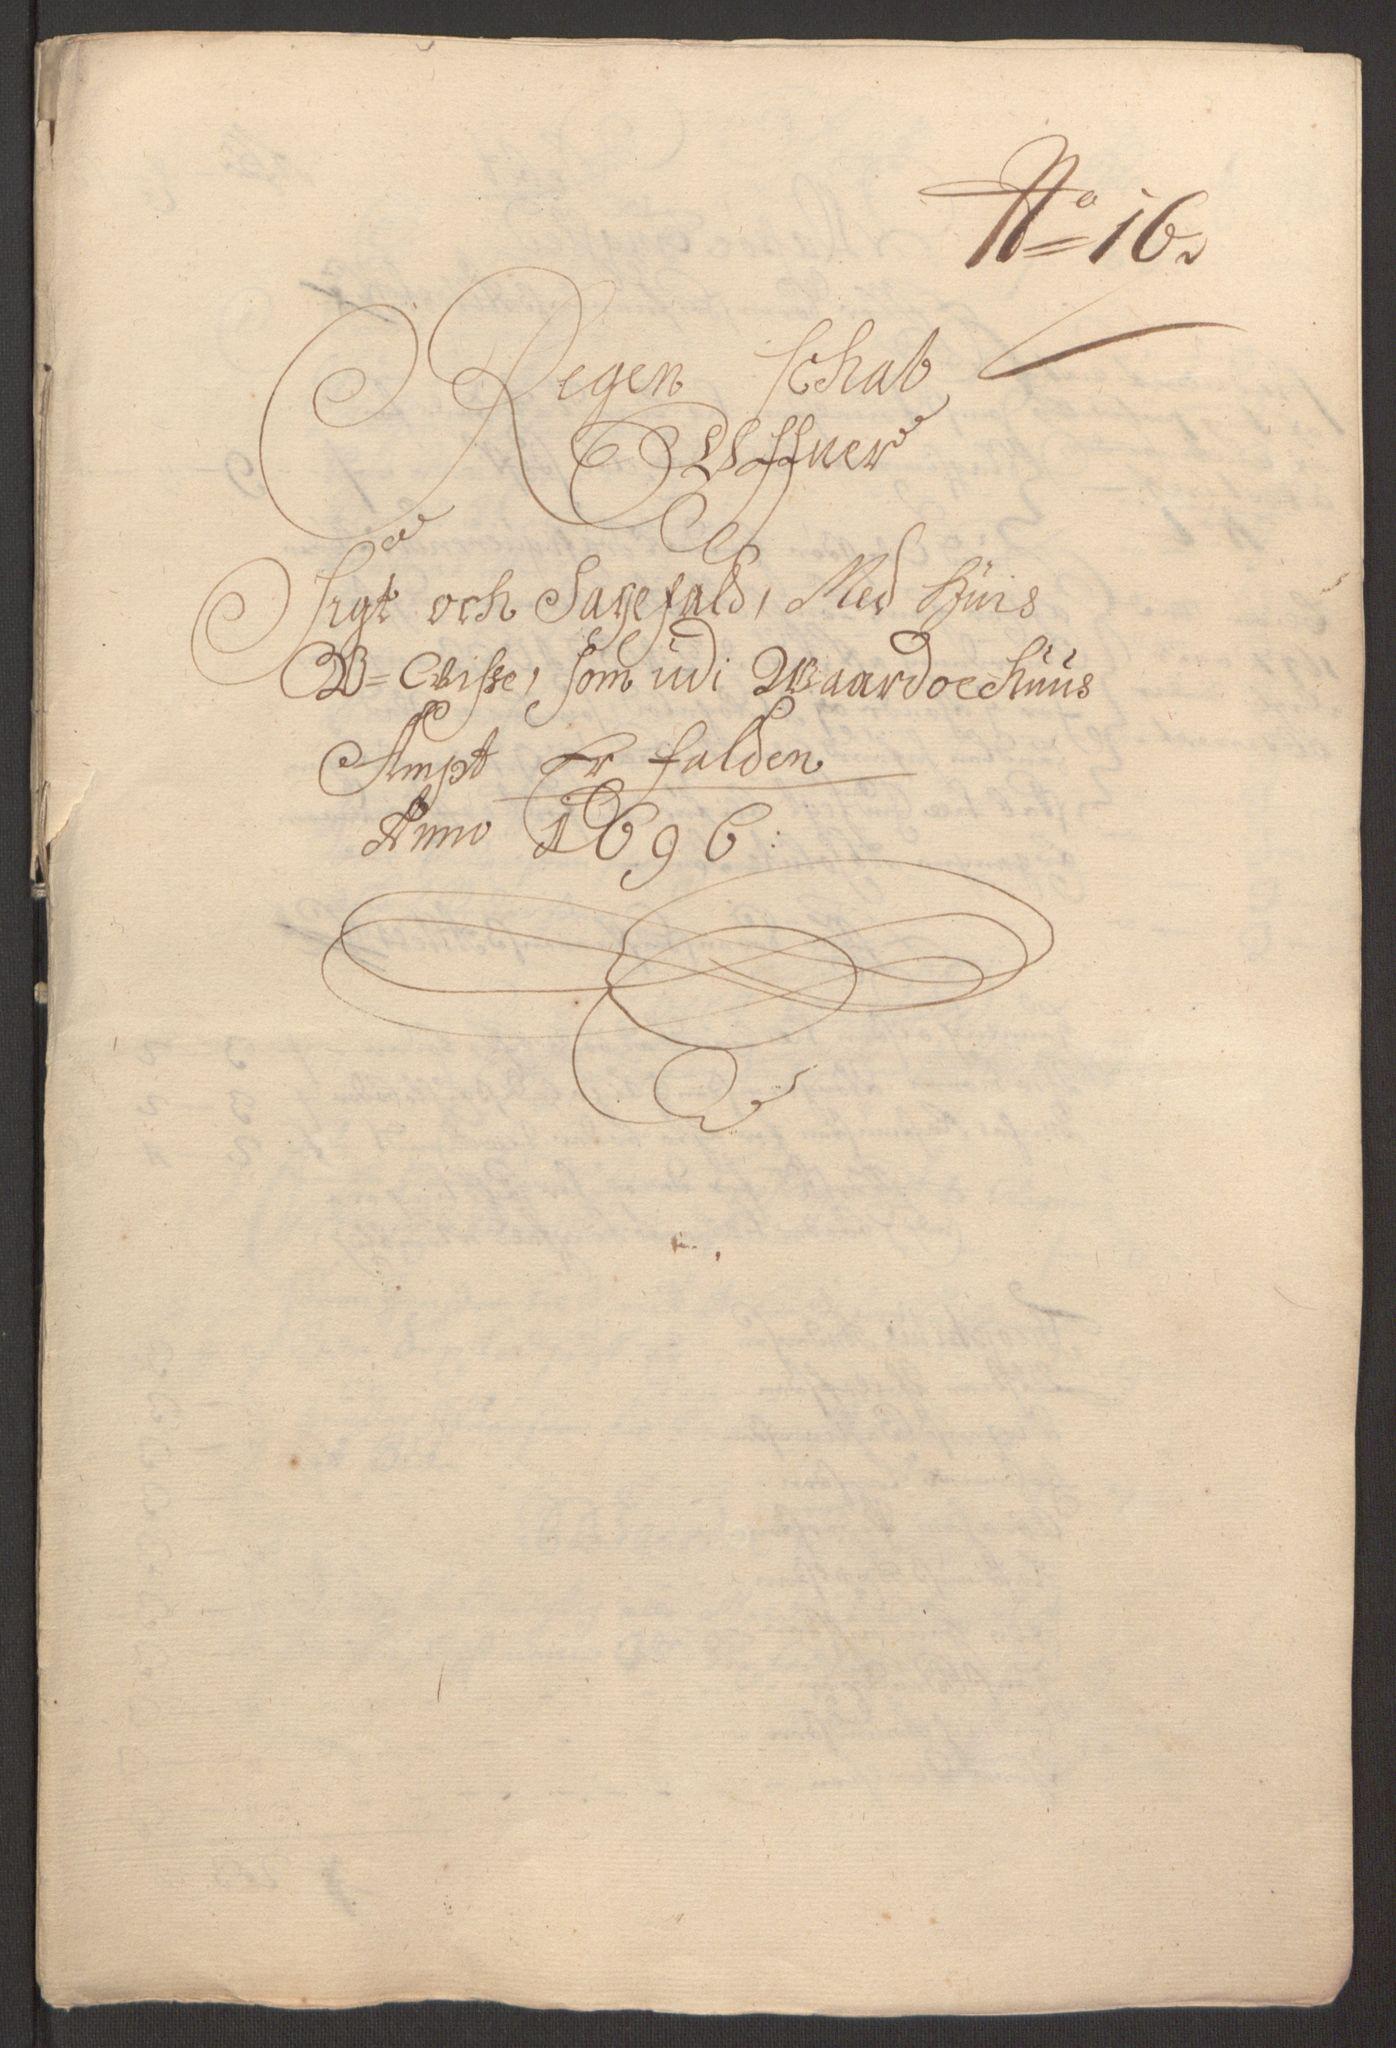 RA, Rentekammeret inntil 1814, Reviderte regnskaper, Fogderegnskap, R69/L4851: Fogderegnskap Finnmark/Vardøhus, 1691-1700, s. 264